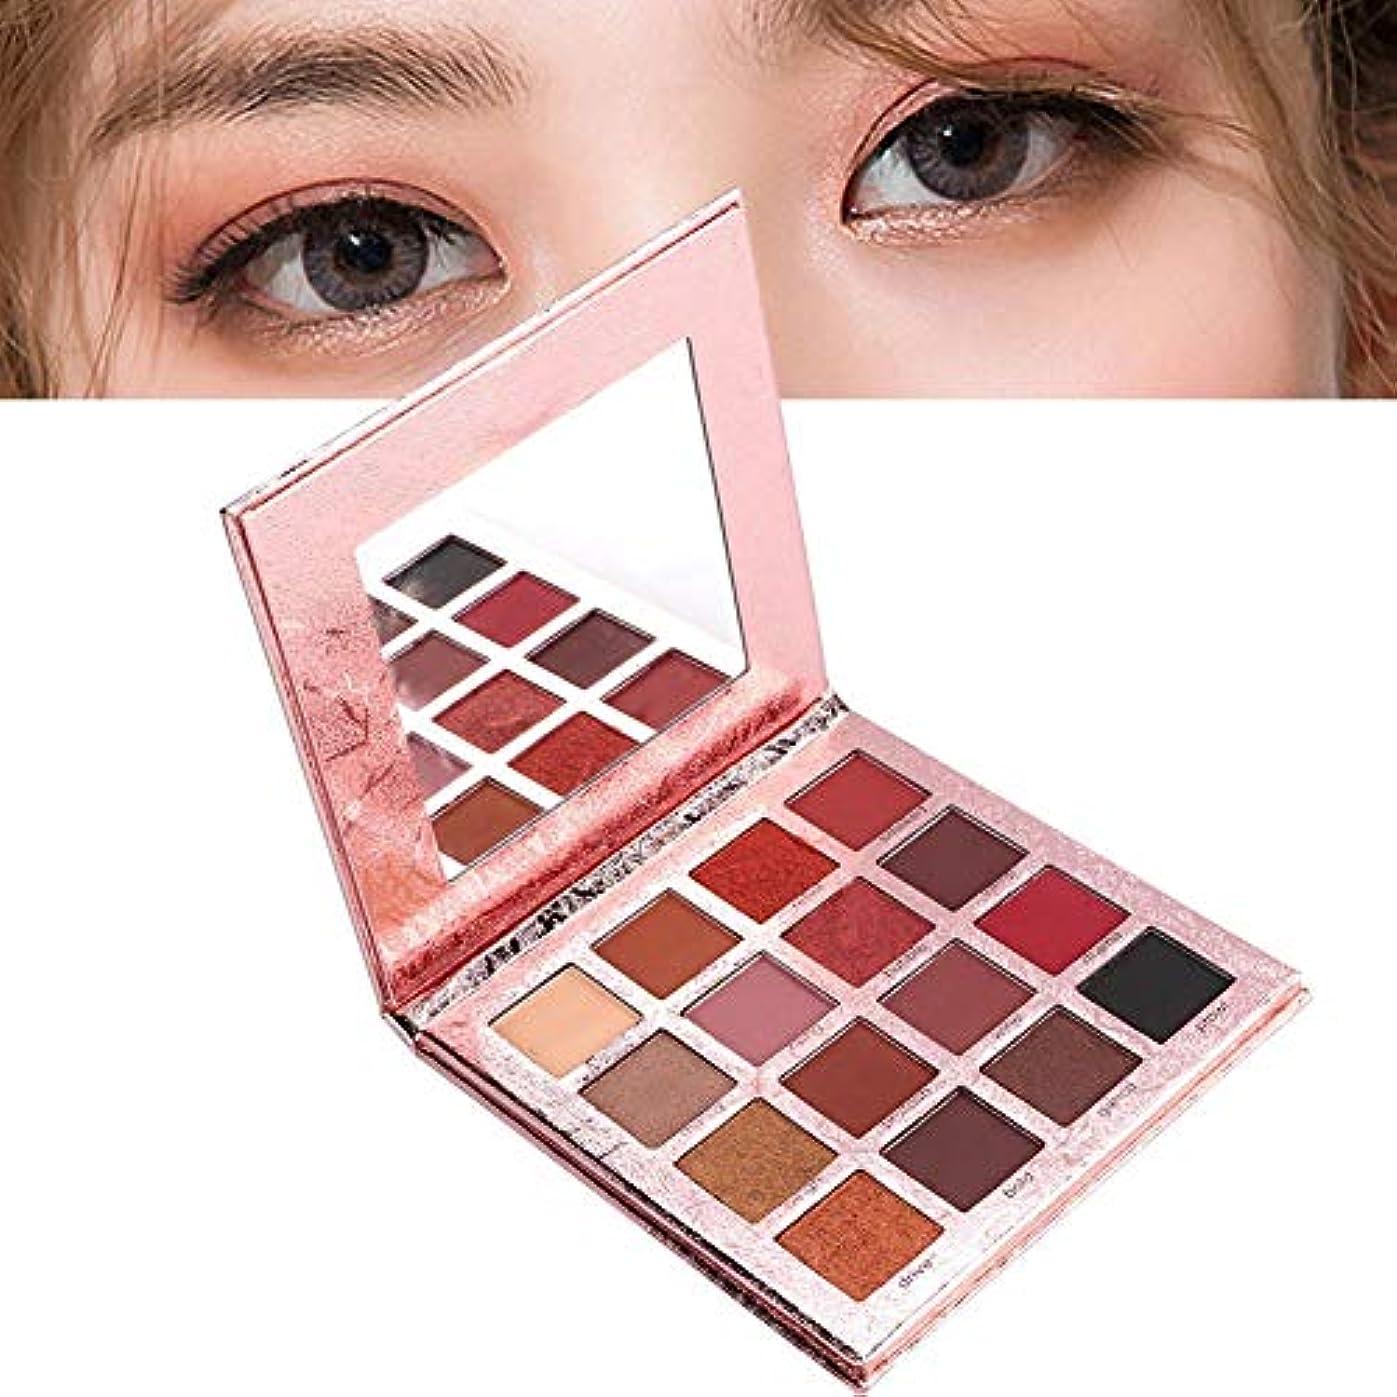 フリルうまれた戦術アイシャドウパレット 16色 化粧マット 化粧品ツール グロス アイシャドウパウダー